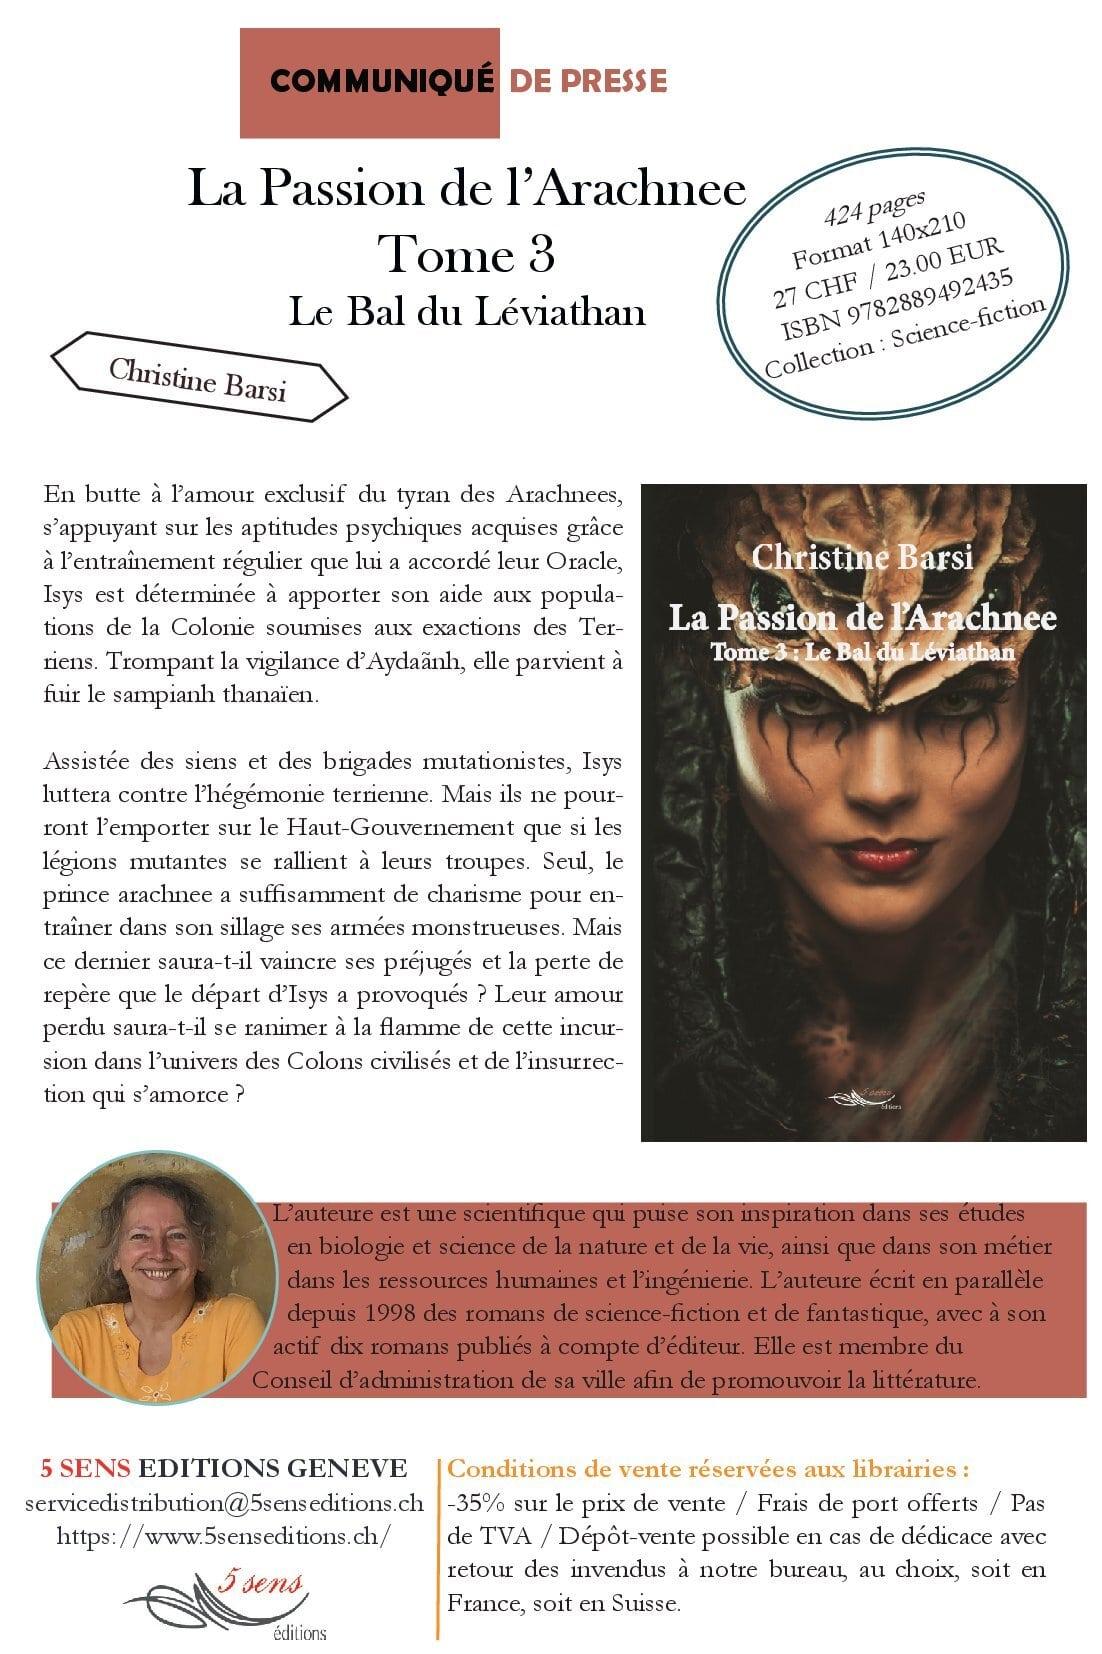 Communiqué de presse - La passion de l'Arachnee Tome 3 : Le Bal du Leviathan